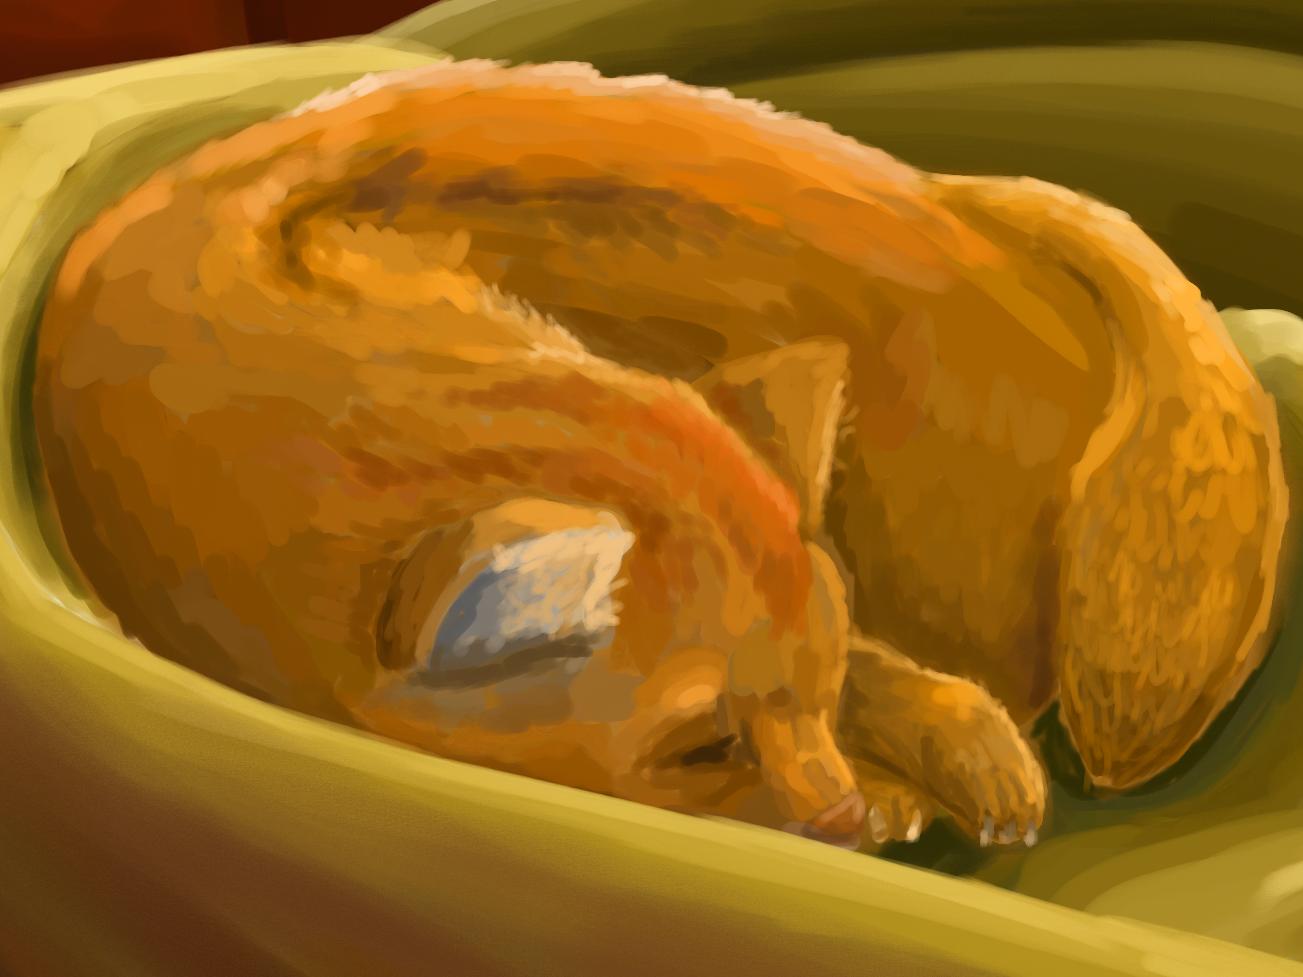 Sick Cat painting illustration deviantart digital drawing